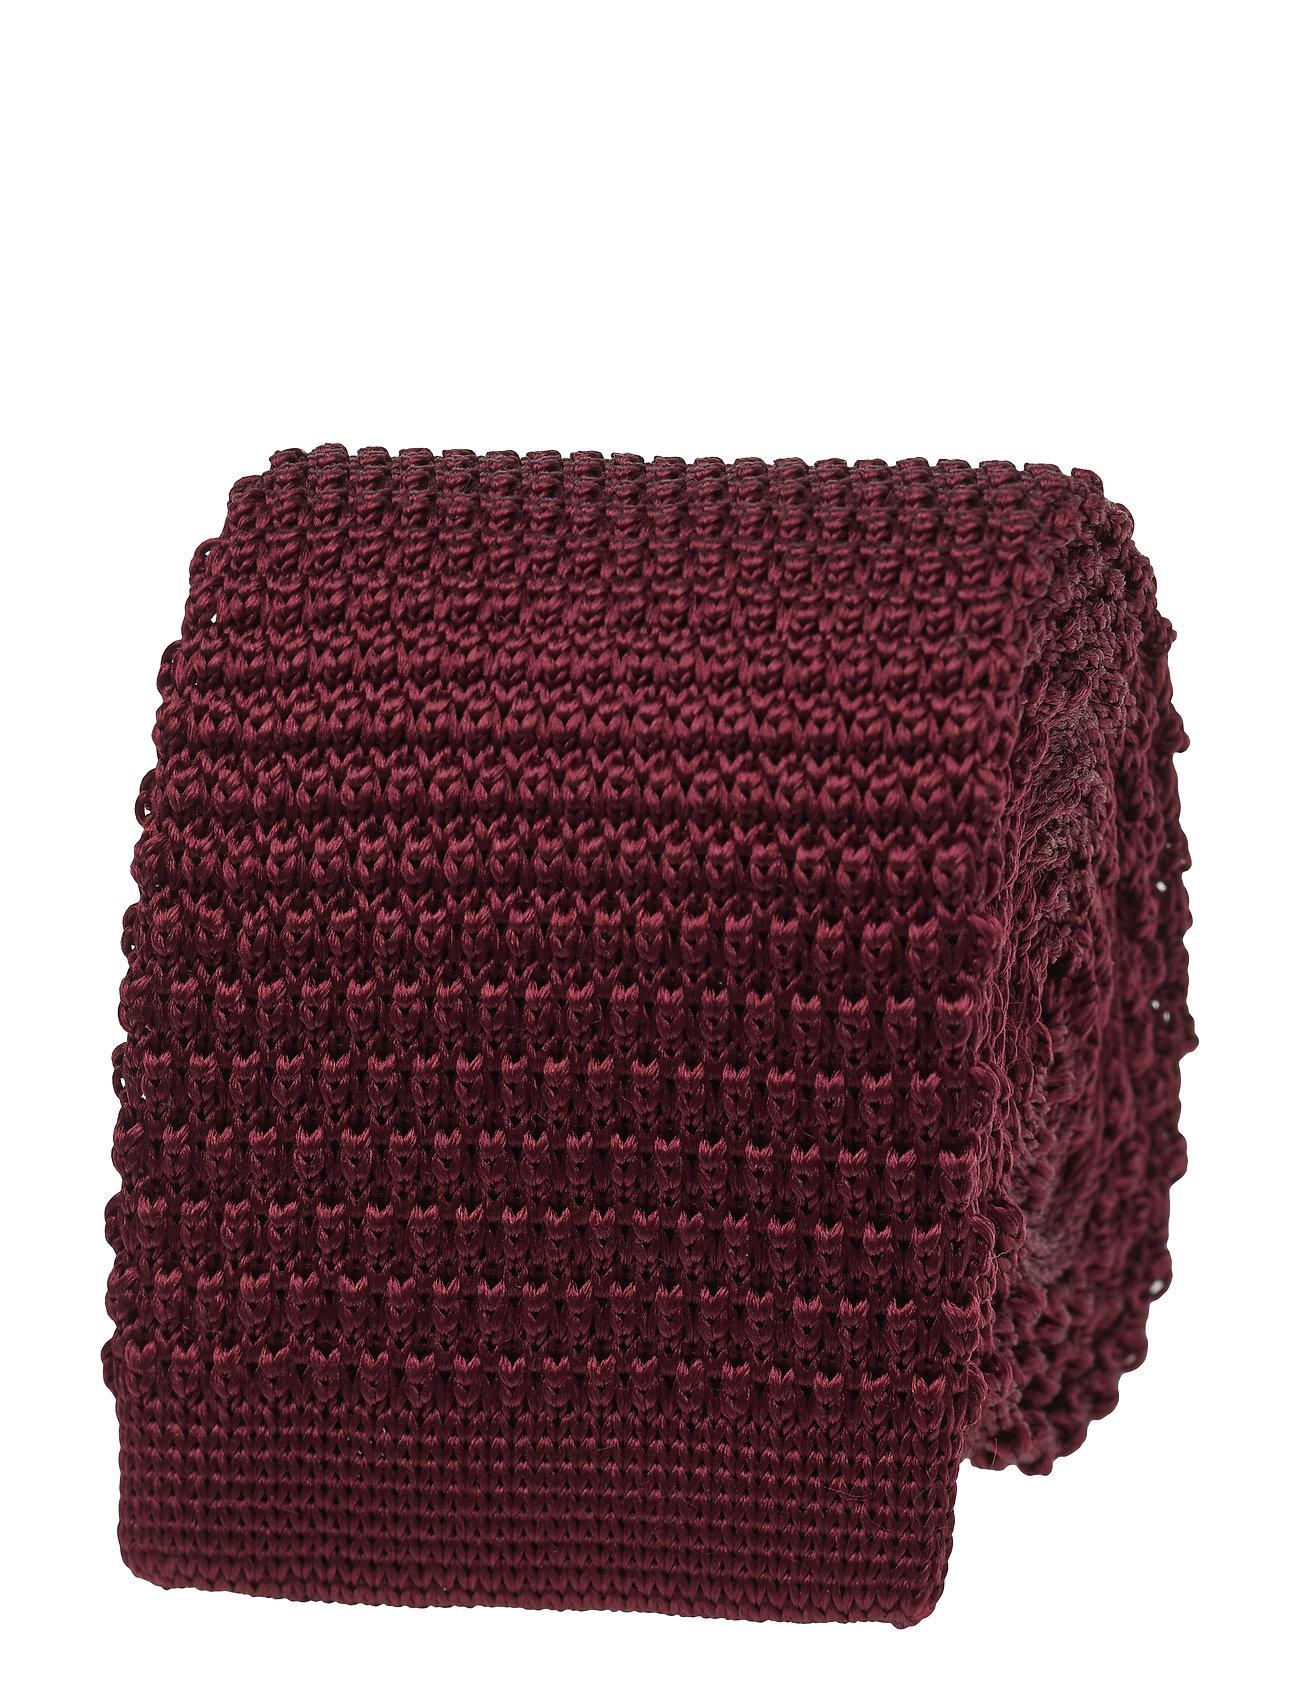 Image of Knitted Tie Slips Rød Amanda Christensen (3478880359)